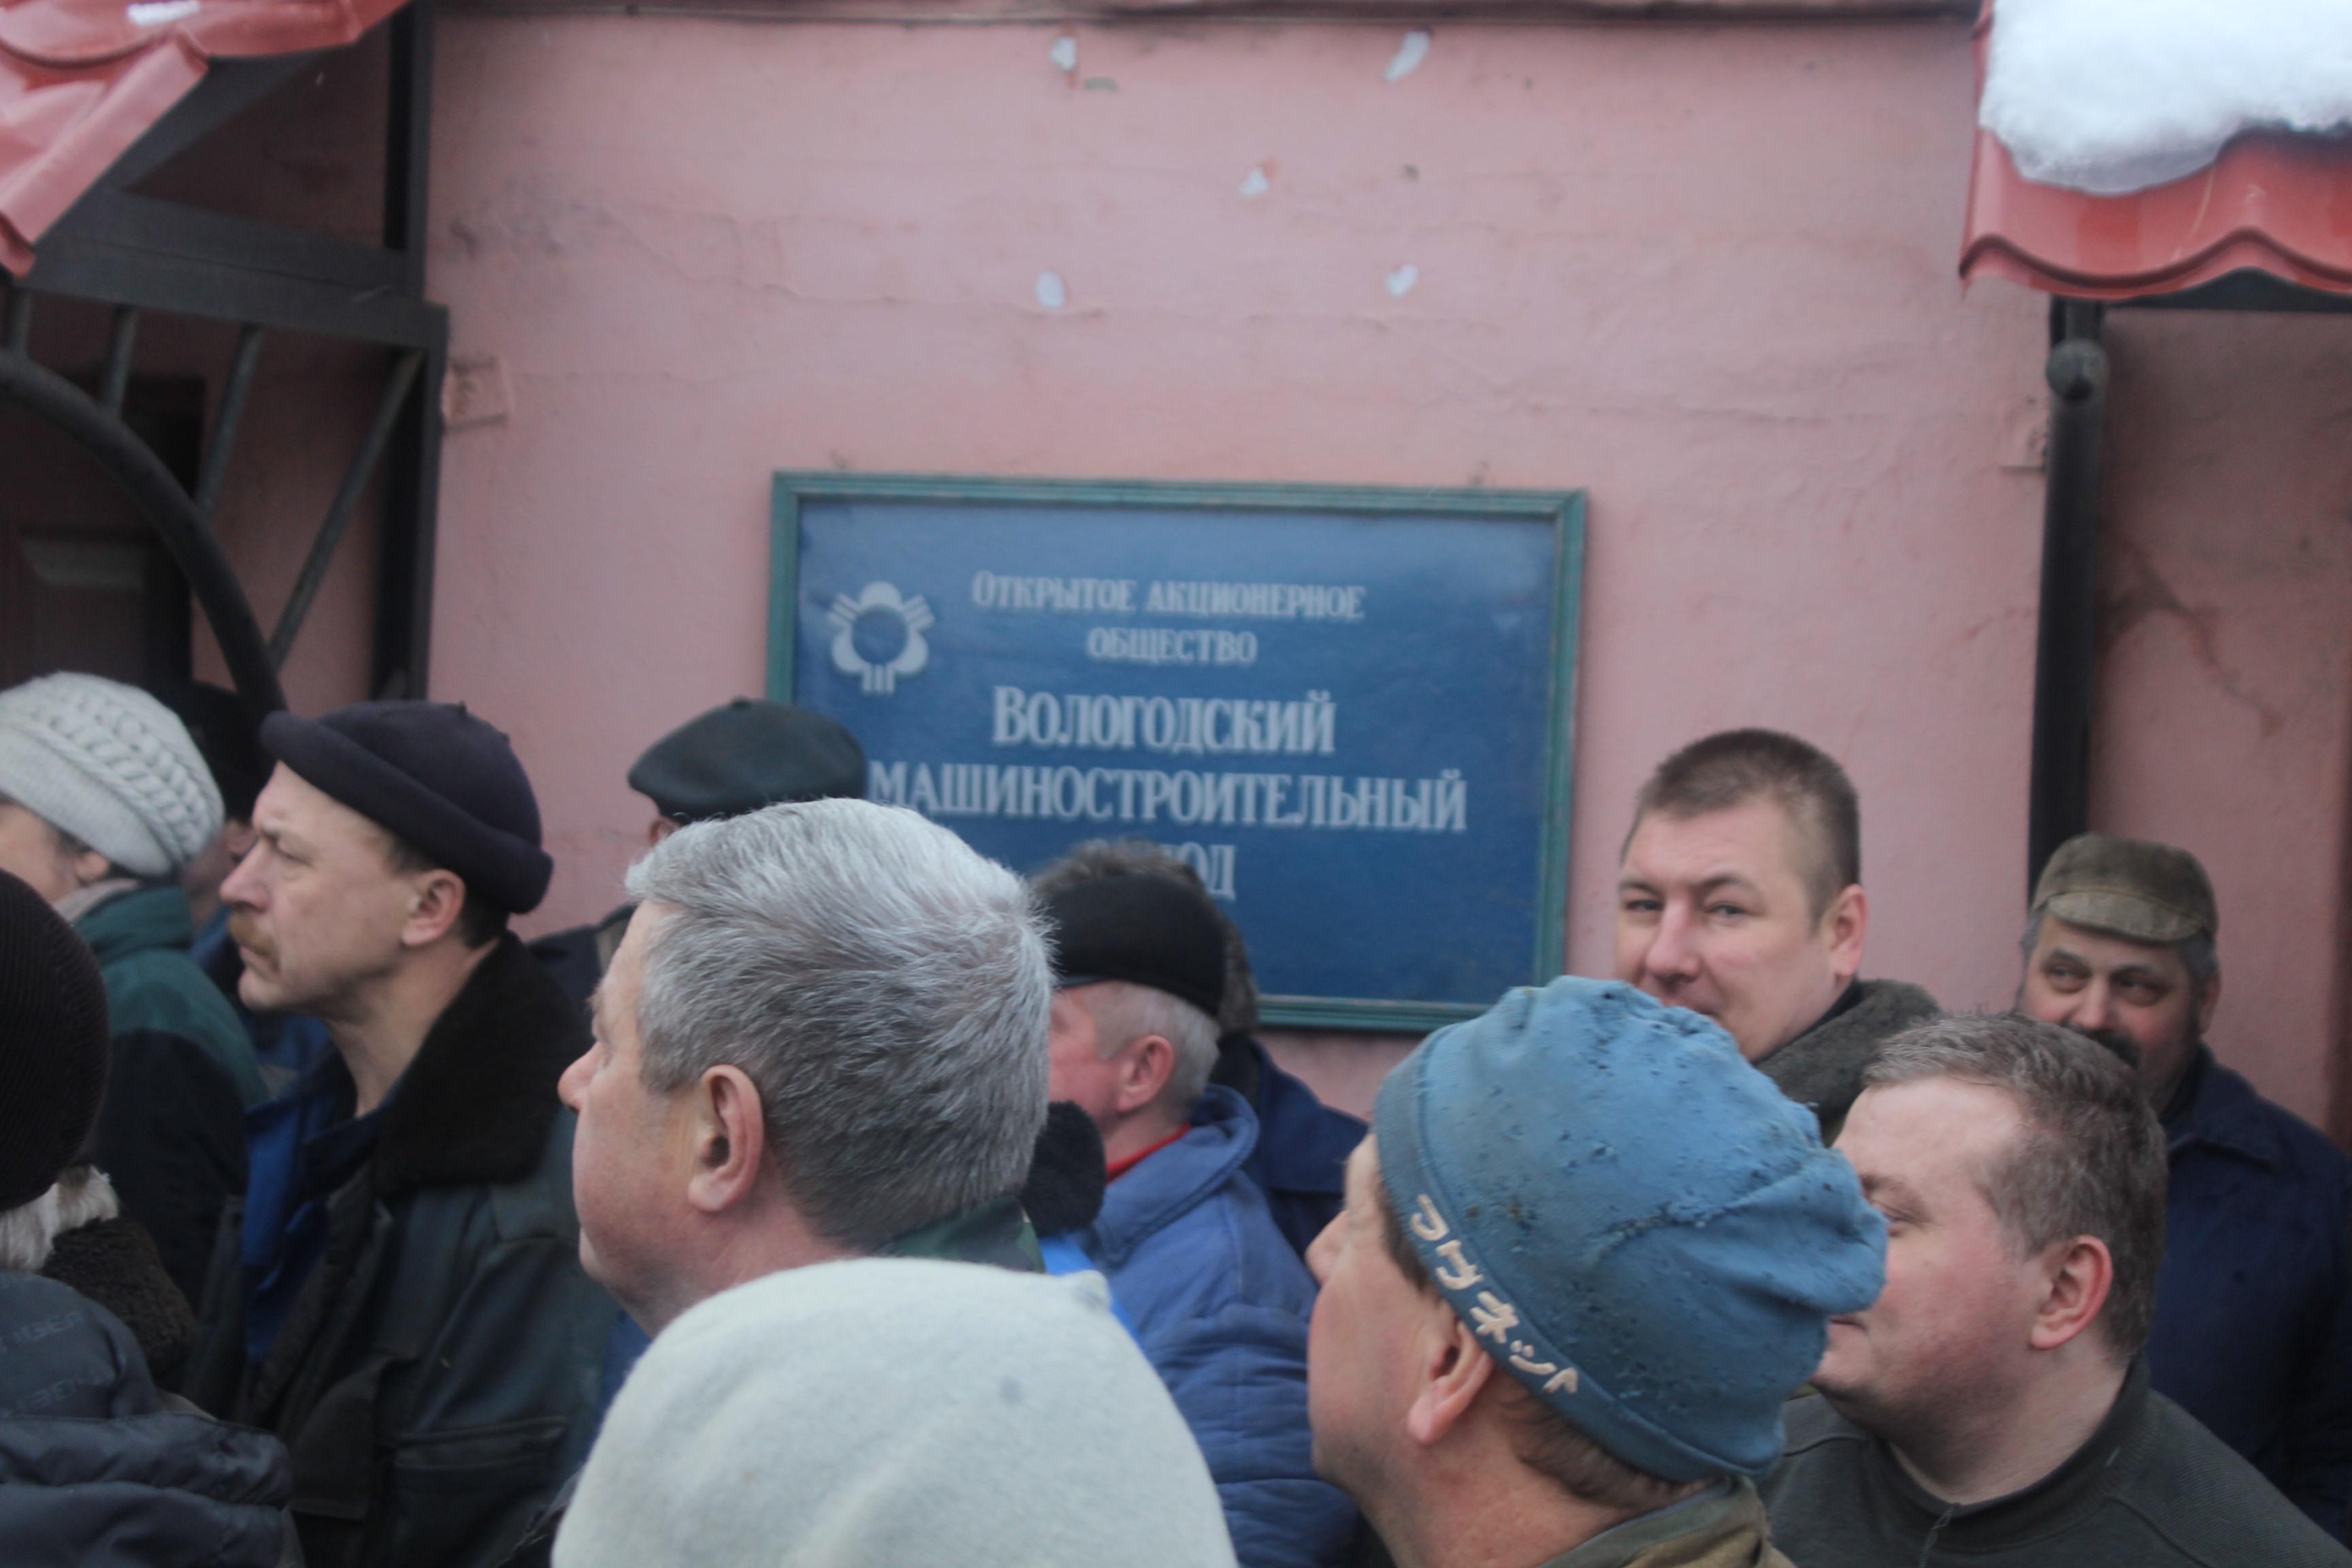 Работники ВМЗ в Вологде собираются объявить голодовку